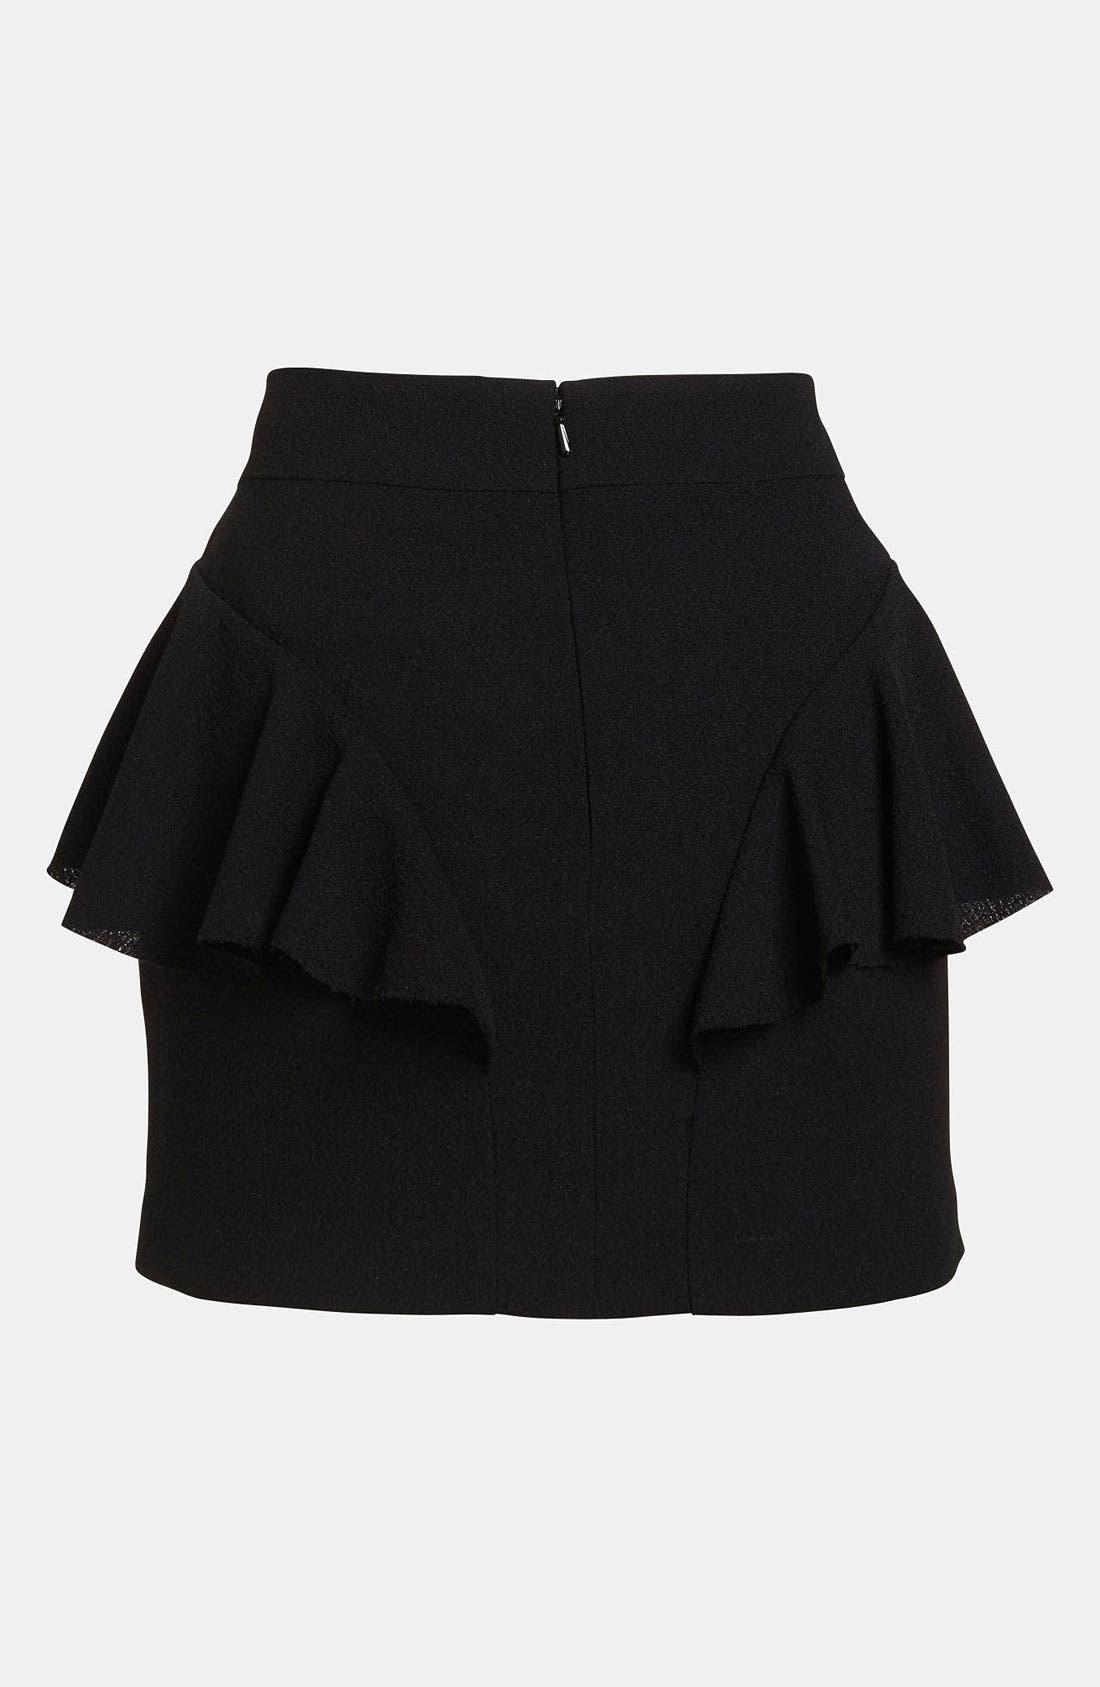 Alternate Image 3  - Tildon Side Ruffle Skirt